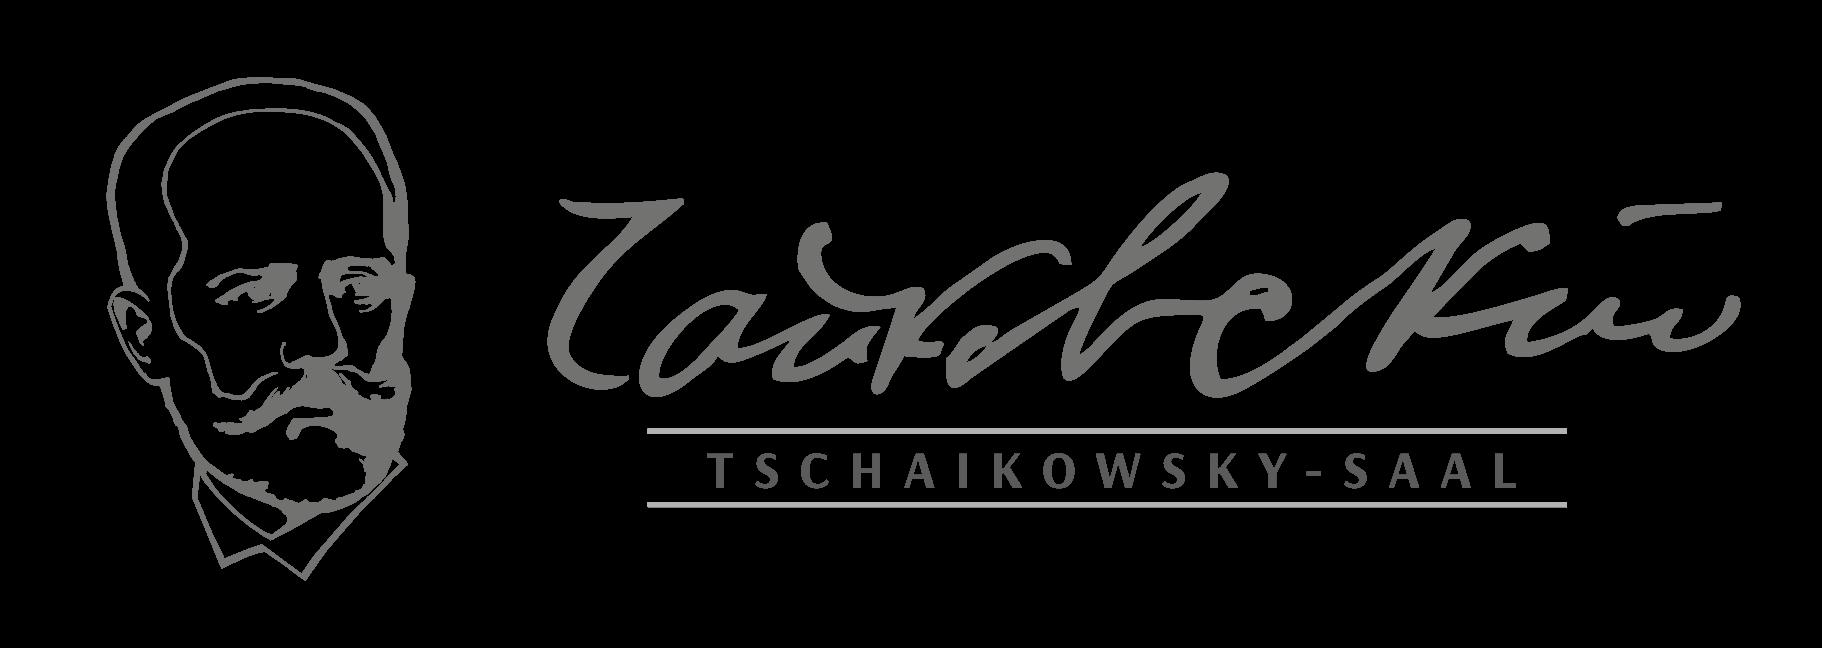 Tschaikowsky-Saal Hamburg